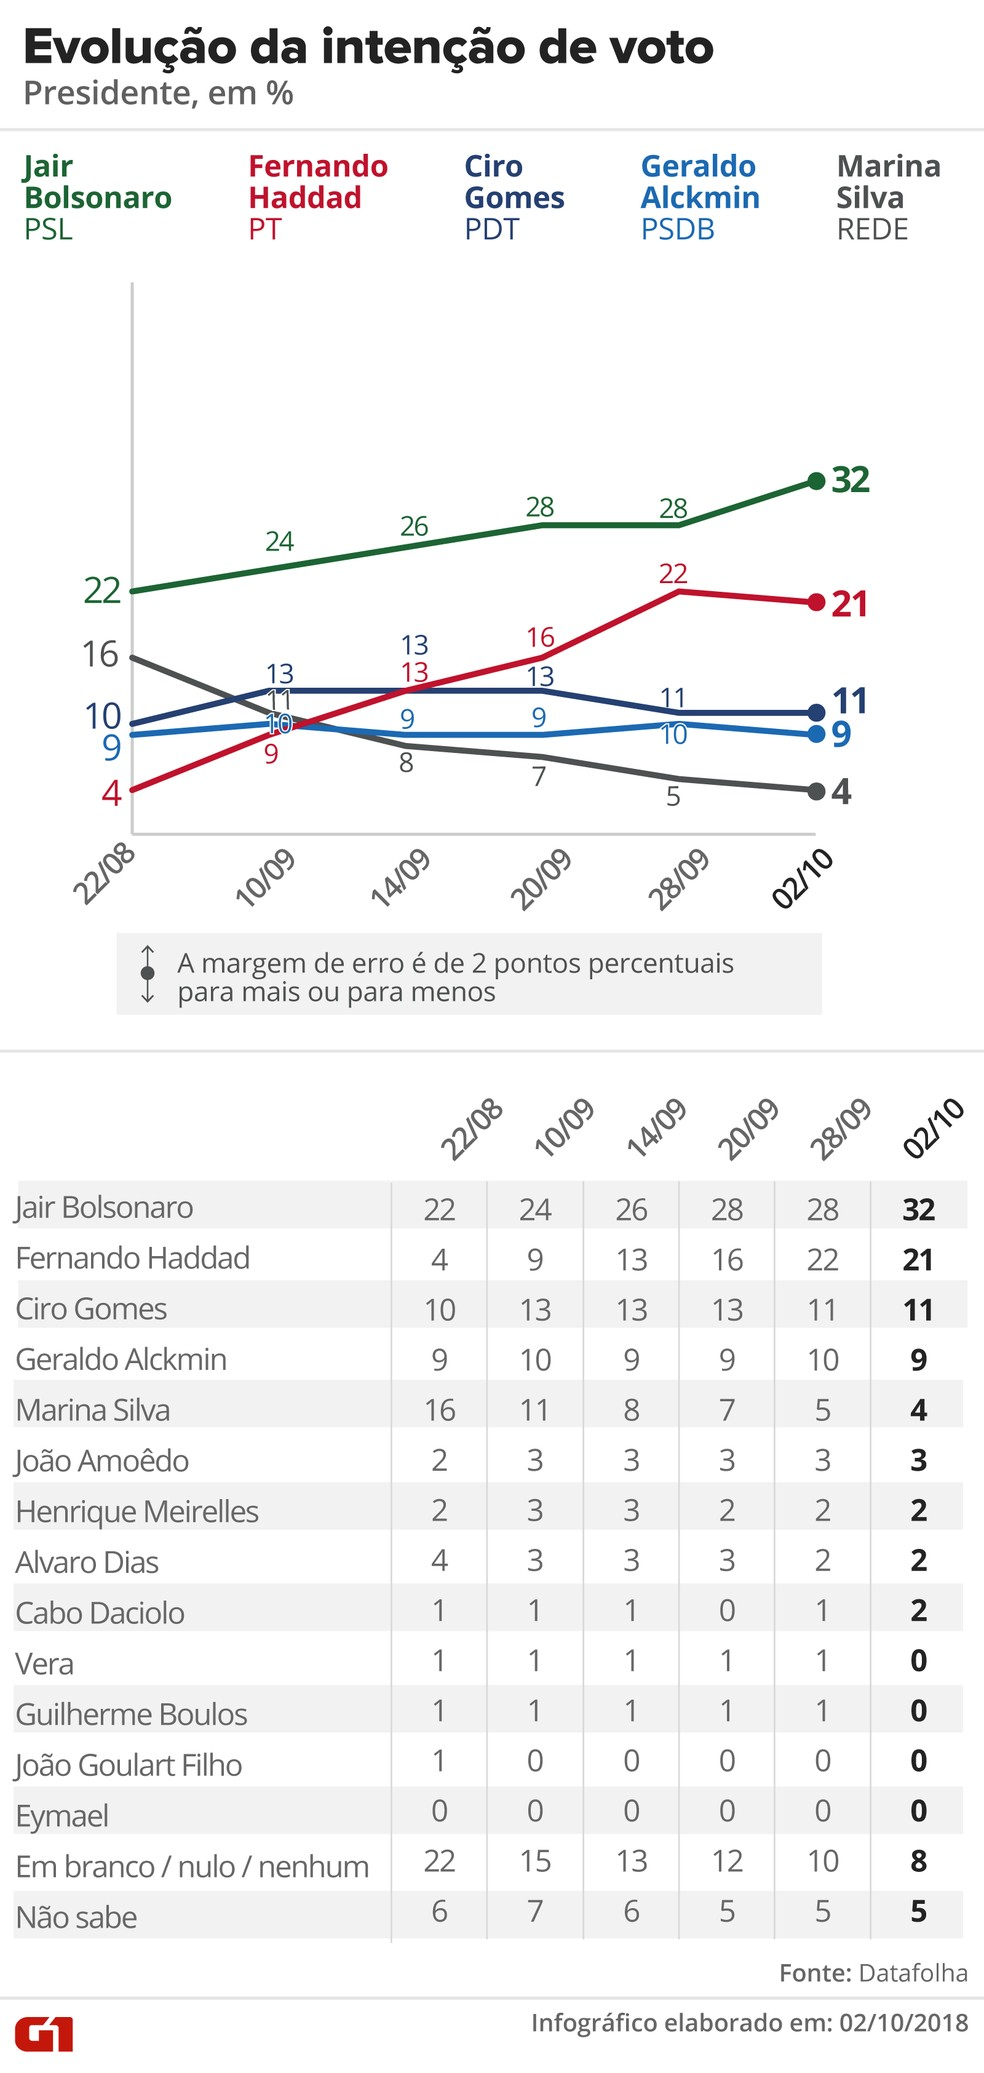 Pesquisa Datafolha – 2 de outubro – evolução da intenção de voto para presidente — Foto: Arte/G1